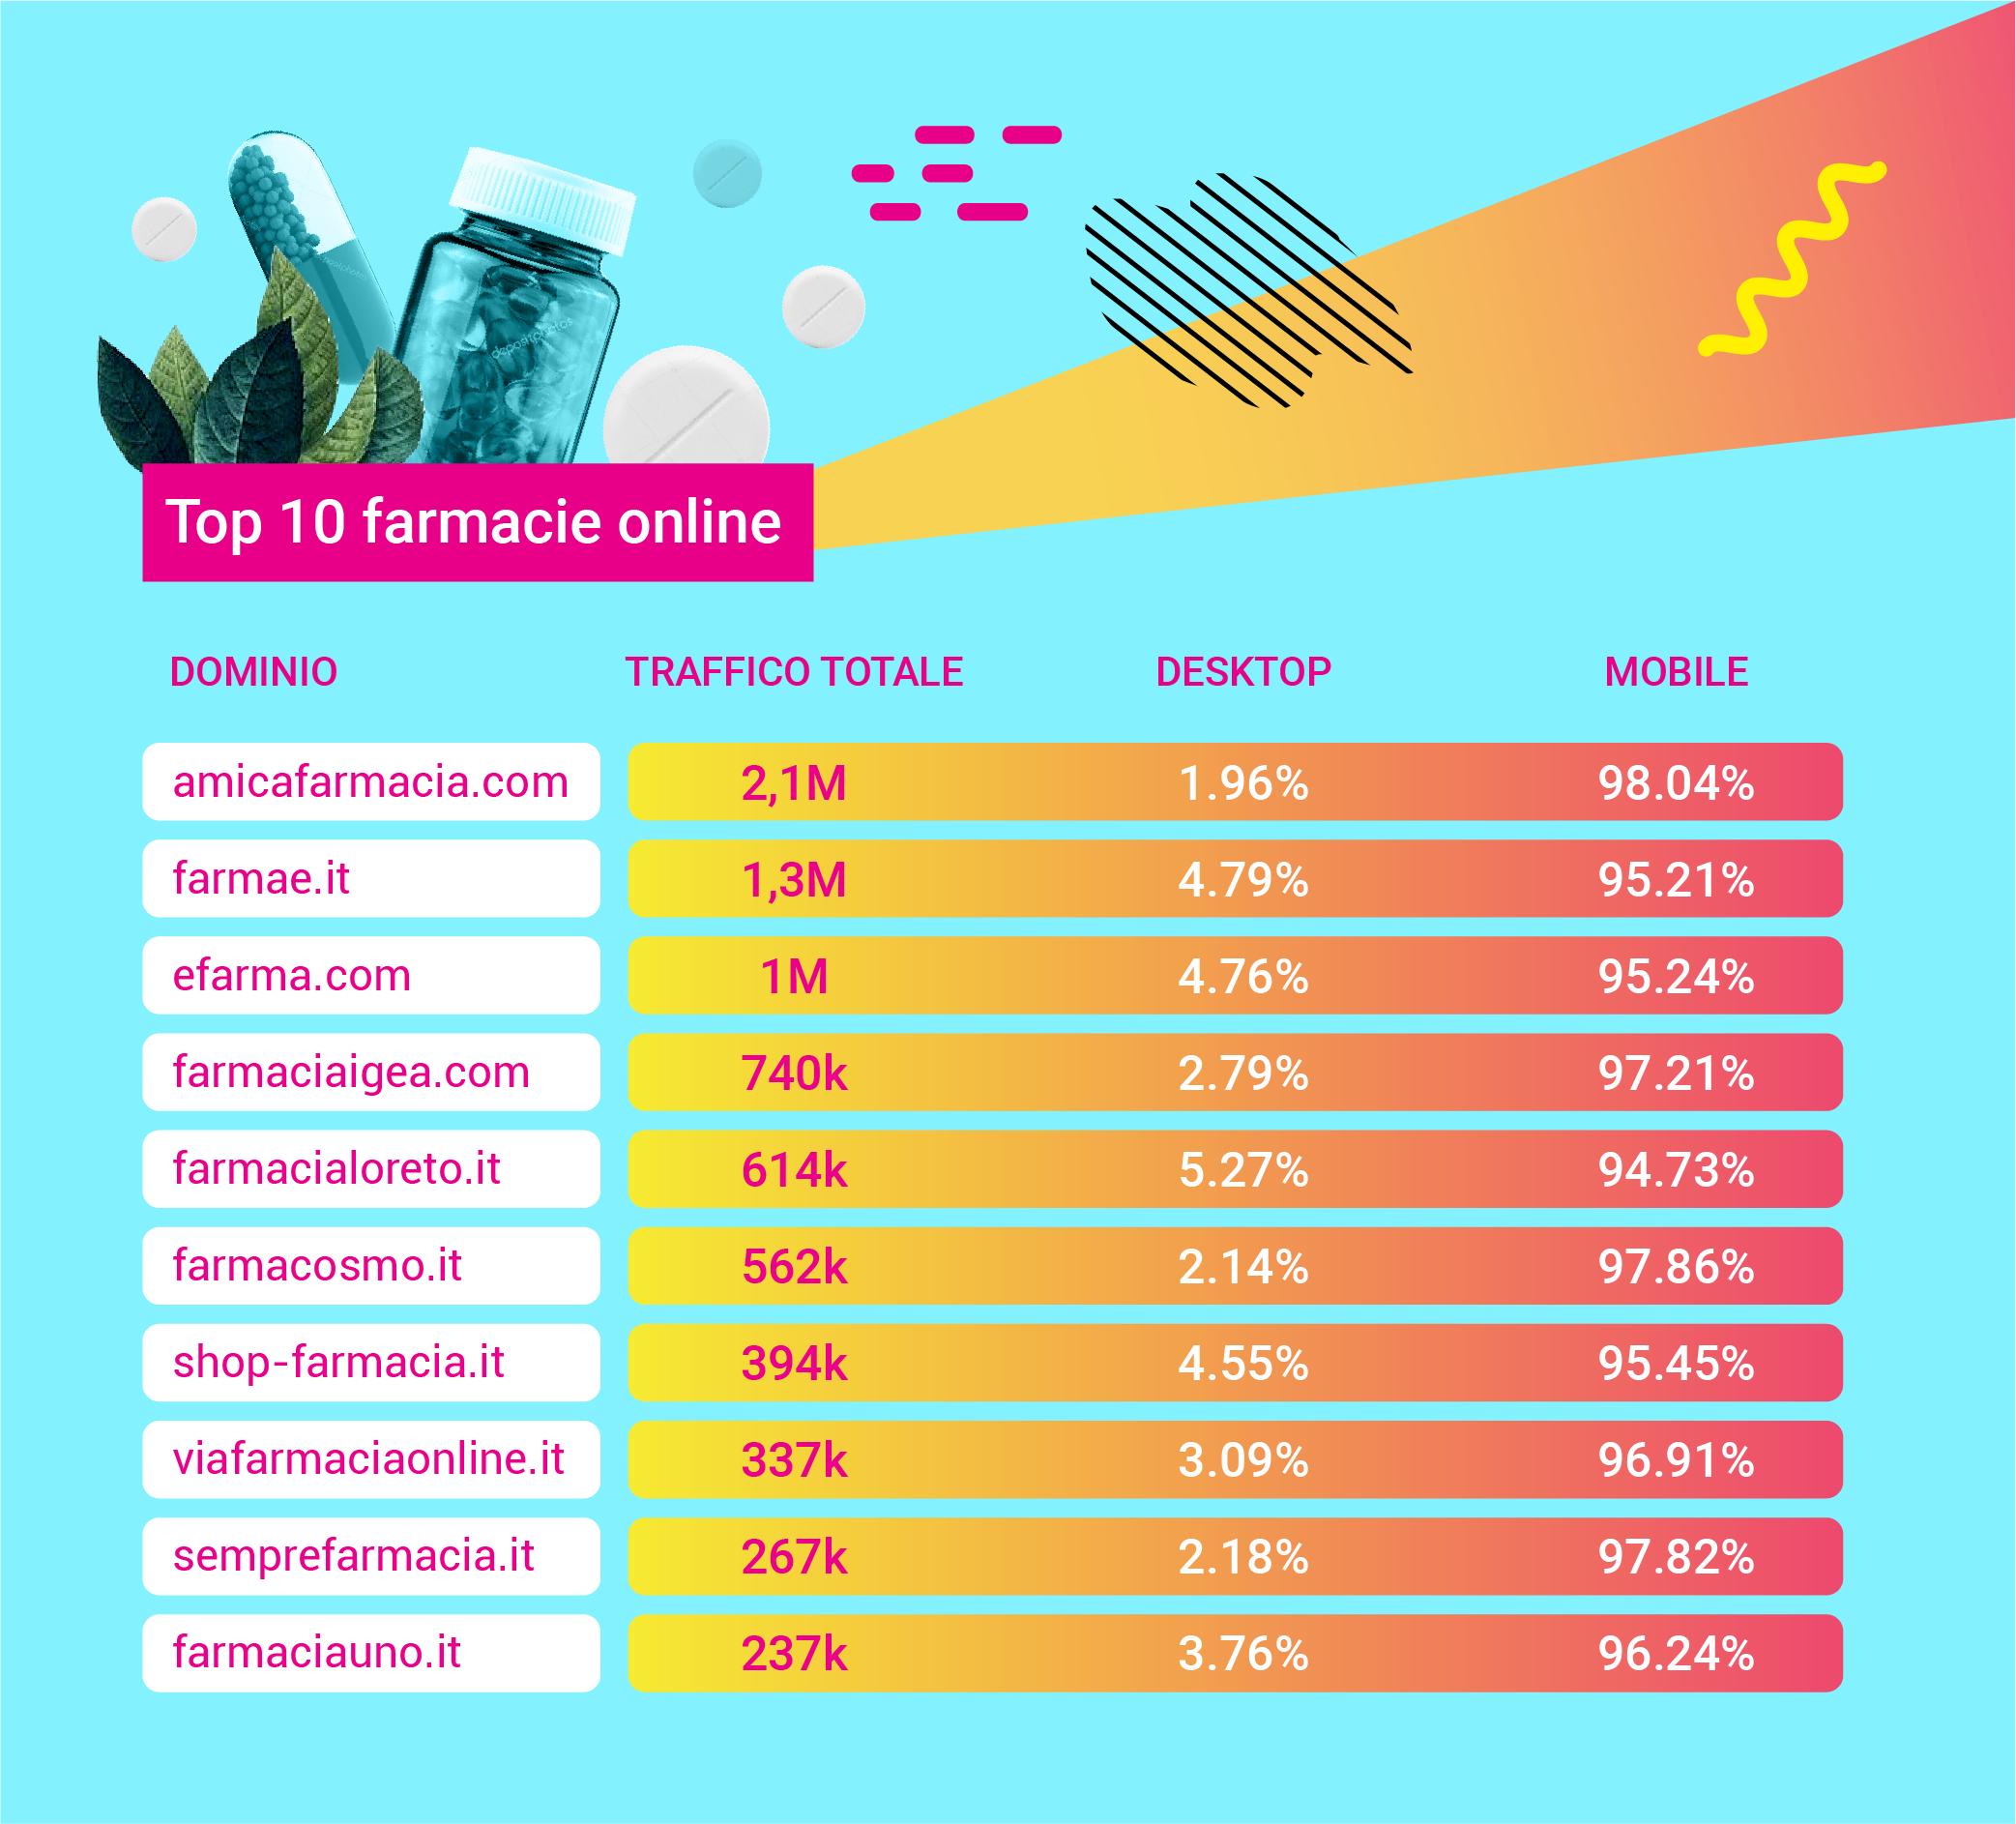 Le 10 farmacie online più visitate in Italia